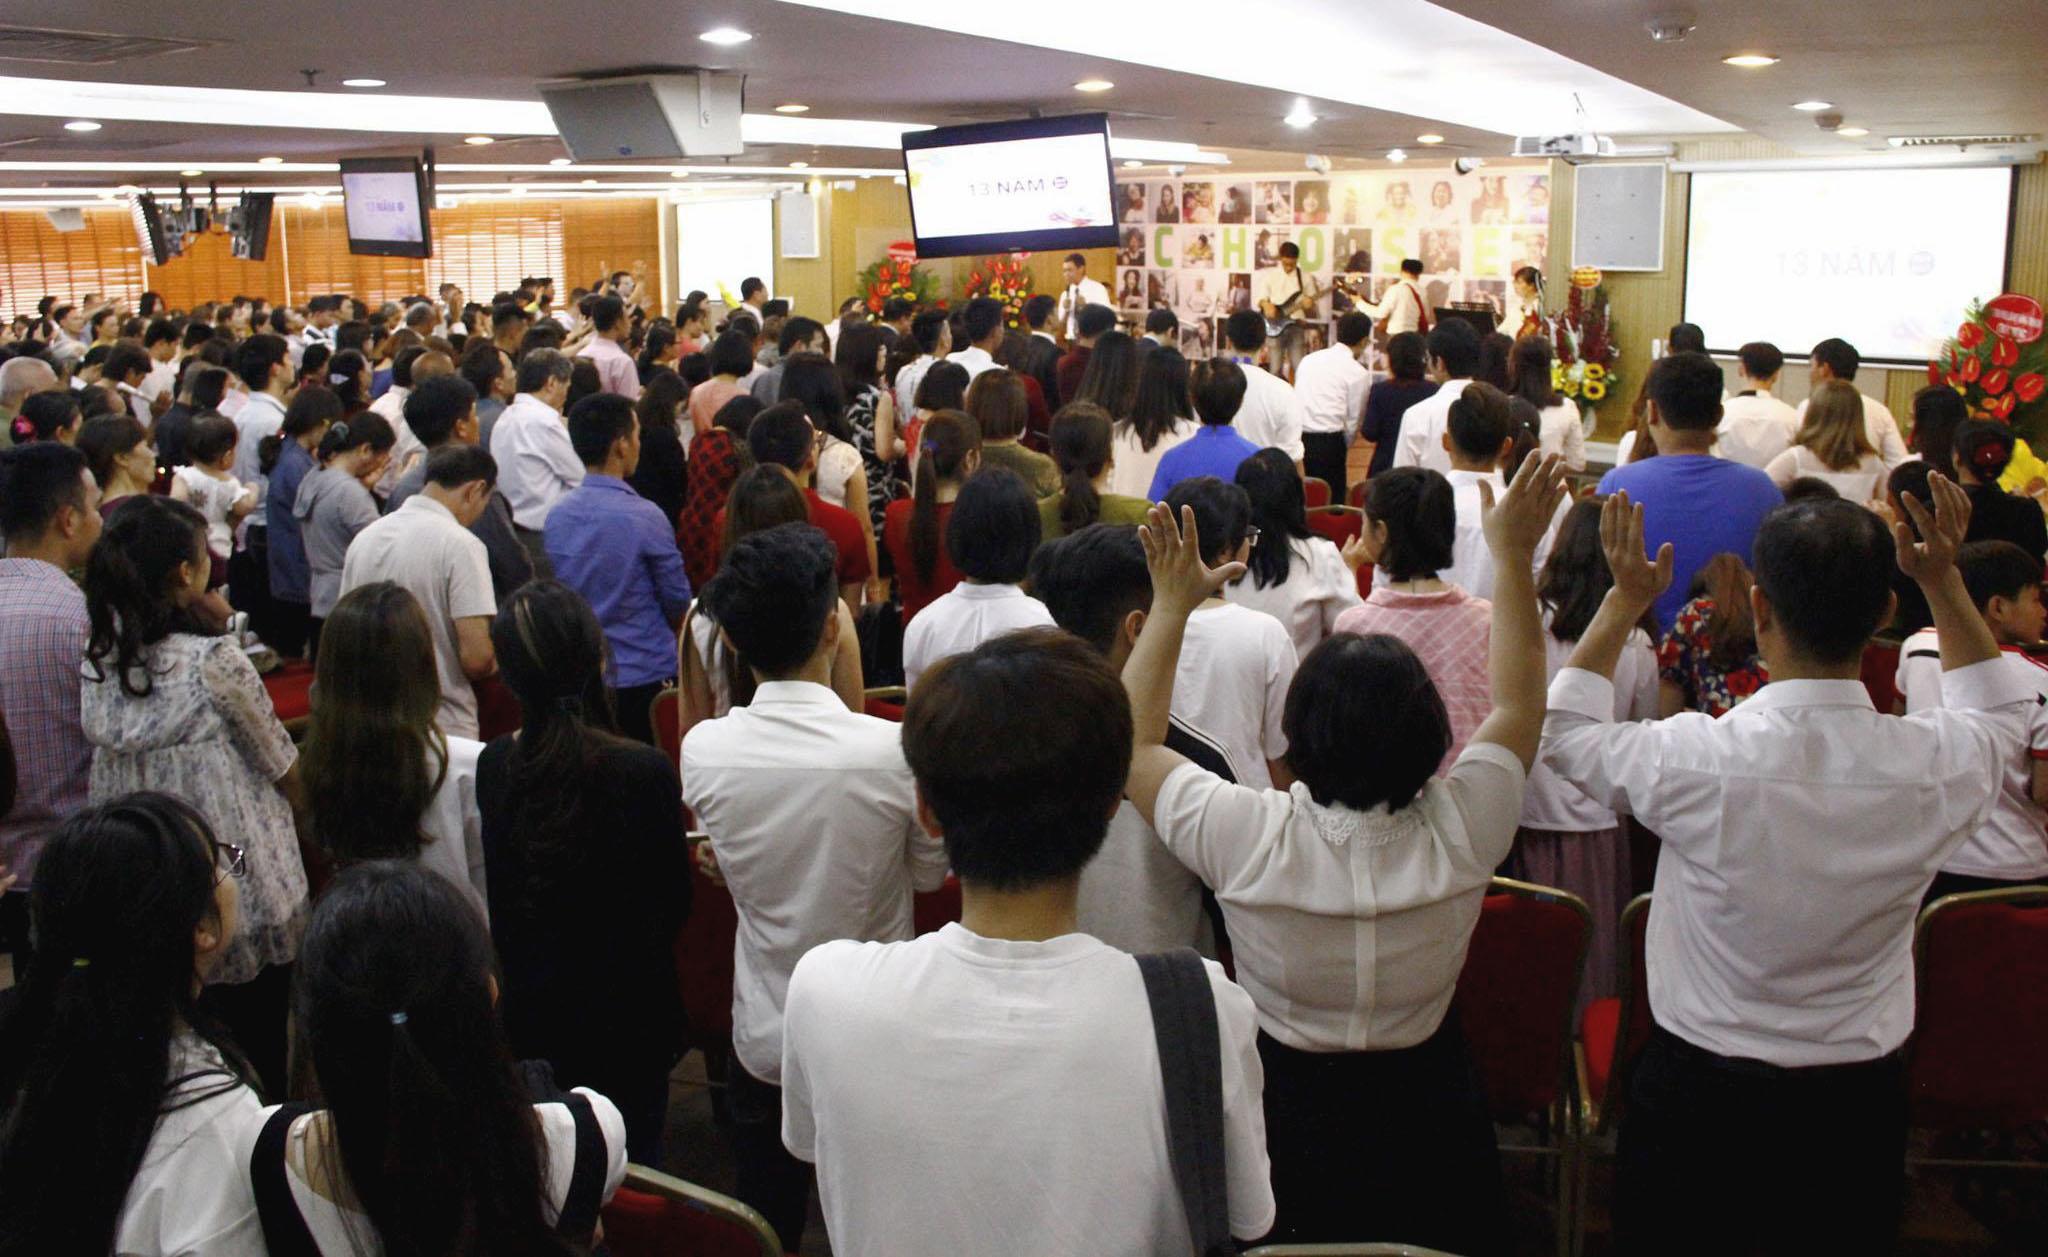 Sinh Nhật 13 Tuổi Hội Thánh Lời Sự Sống Tại Việt Nam